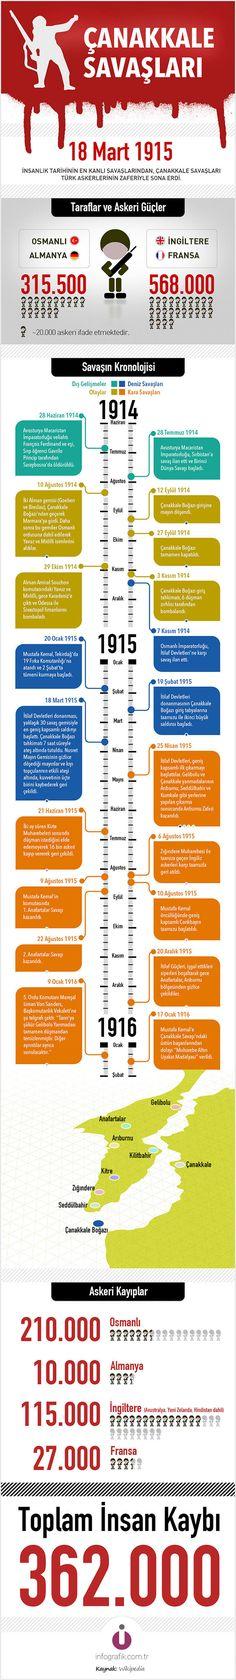 Bugün 18 Mart Çanakkale Şehitlerini Anma Günü. İşte Rakamlarla Çanakkale Savaşı.  #infografik